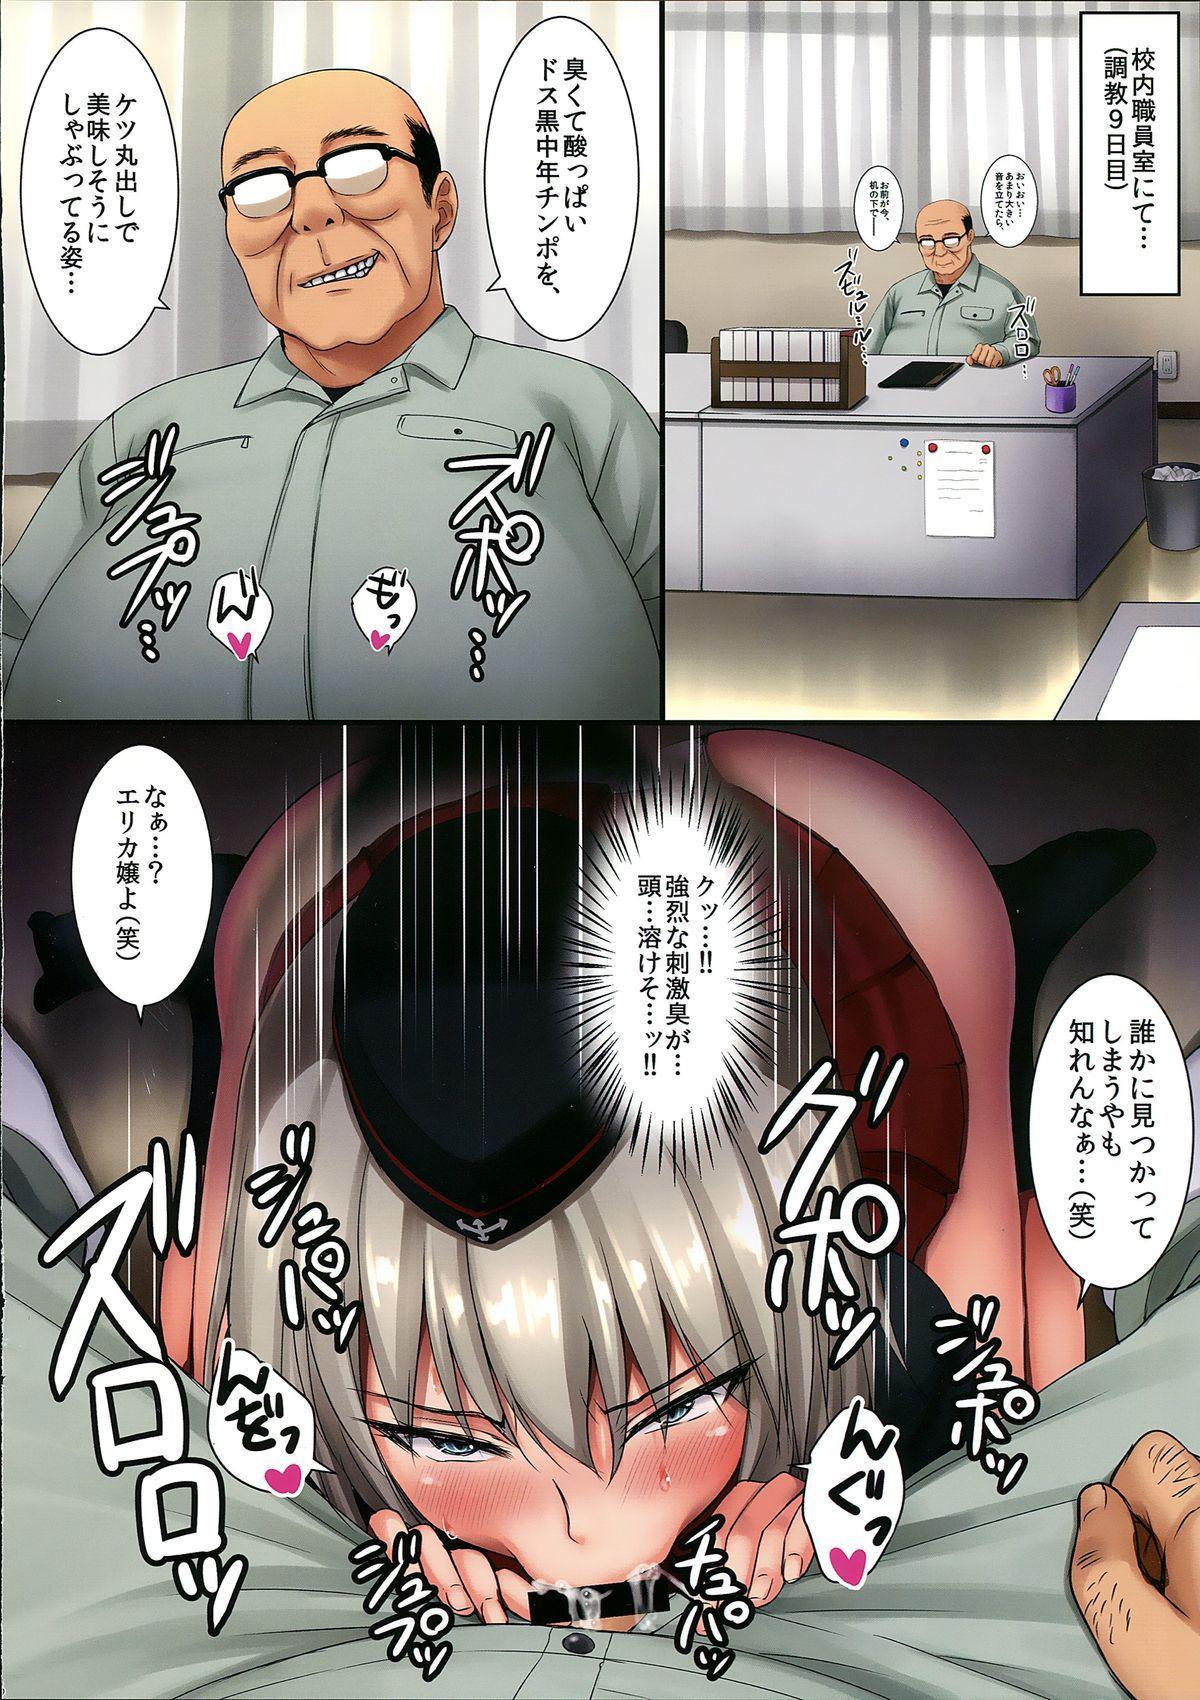 Erika-sama no Saimin Kaihatsu 9